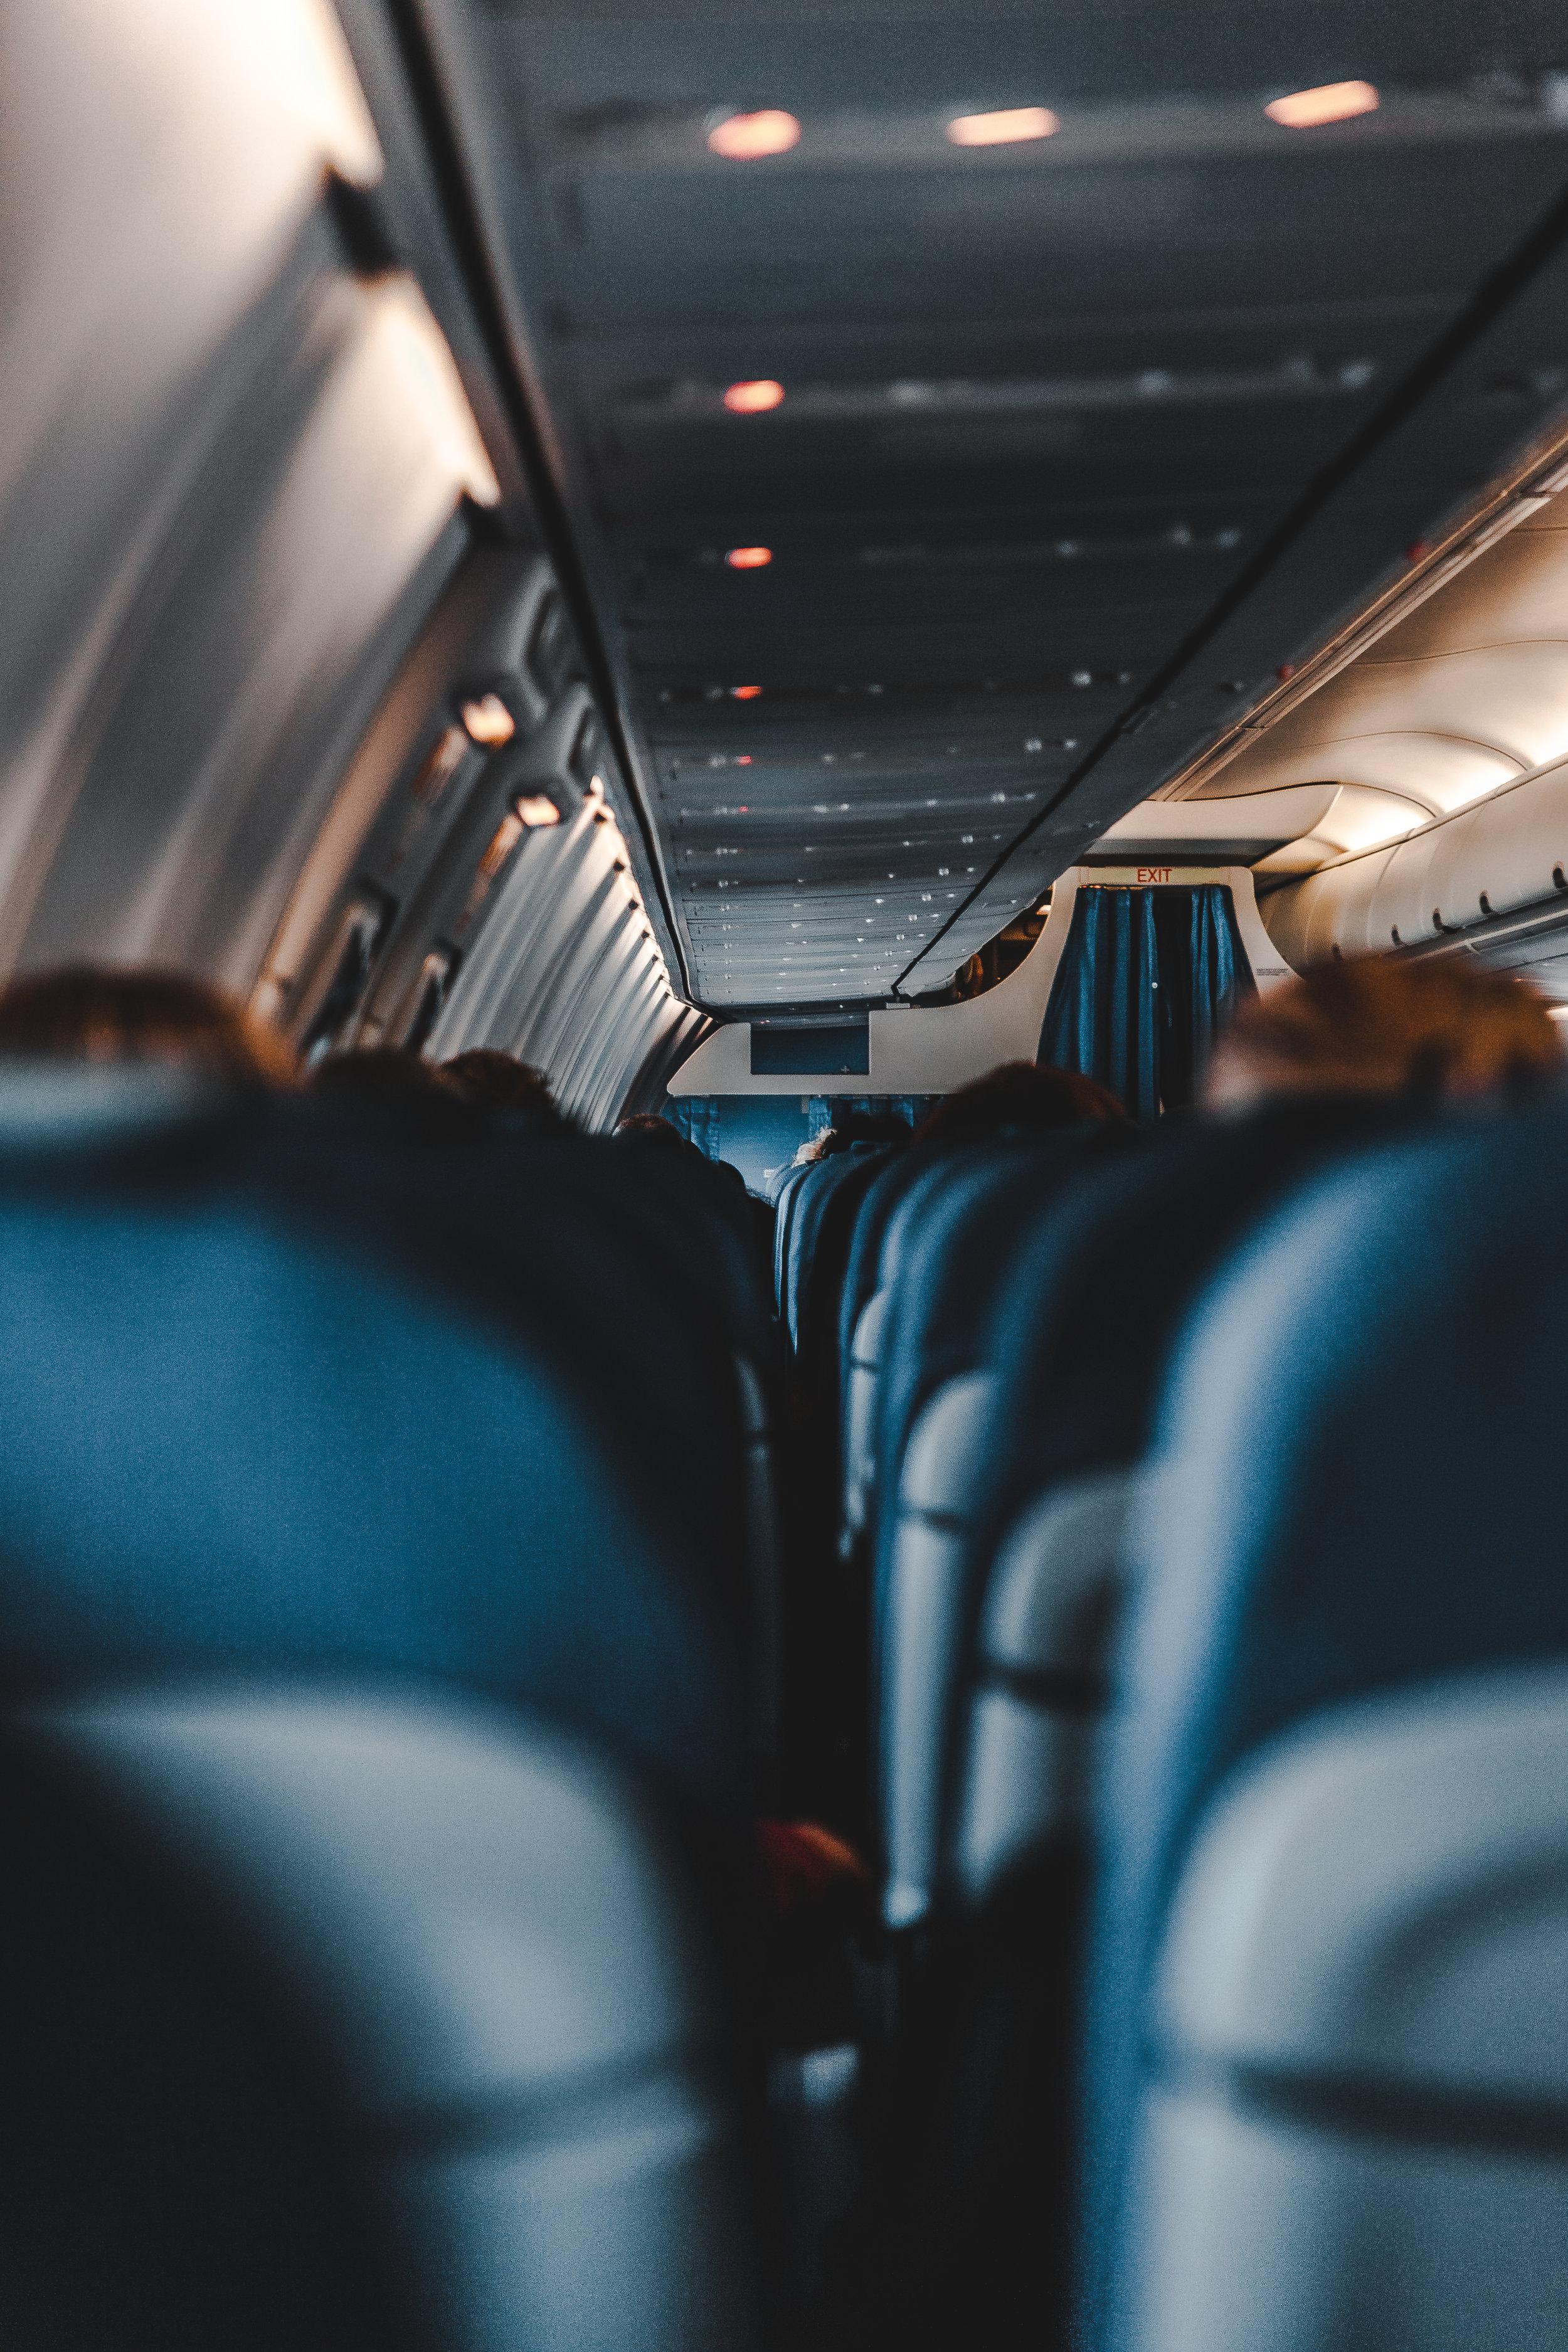 حجوزات الطيران والسكن والنقل - نوفر جميع حجوزات الطيران بمختلف الأسعار. وحجوزات السكن بأنواعه من فنادق وسكن خاص. بالإضافة إلى توفير وسائل النقل المختلفة من سيارات بأحجام مختلفة مع سائق أو بدون سائق